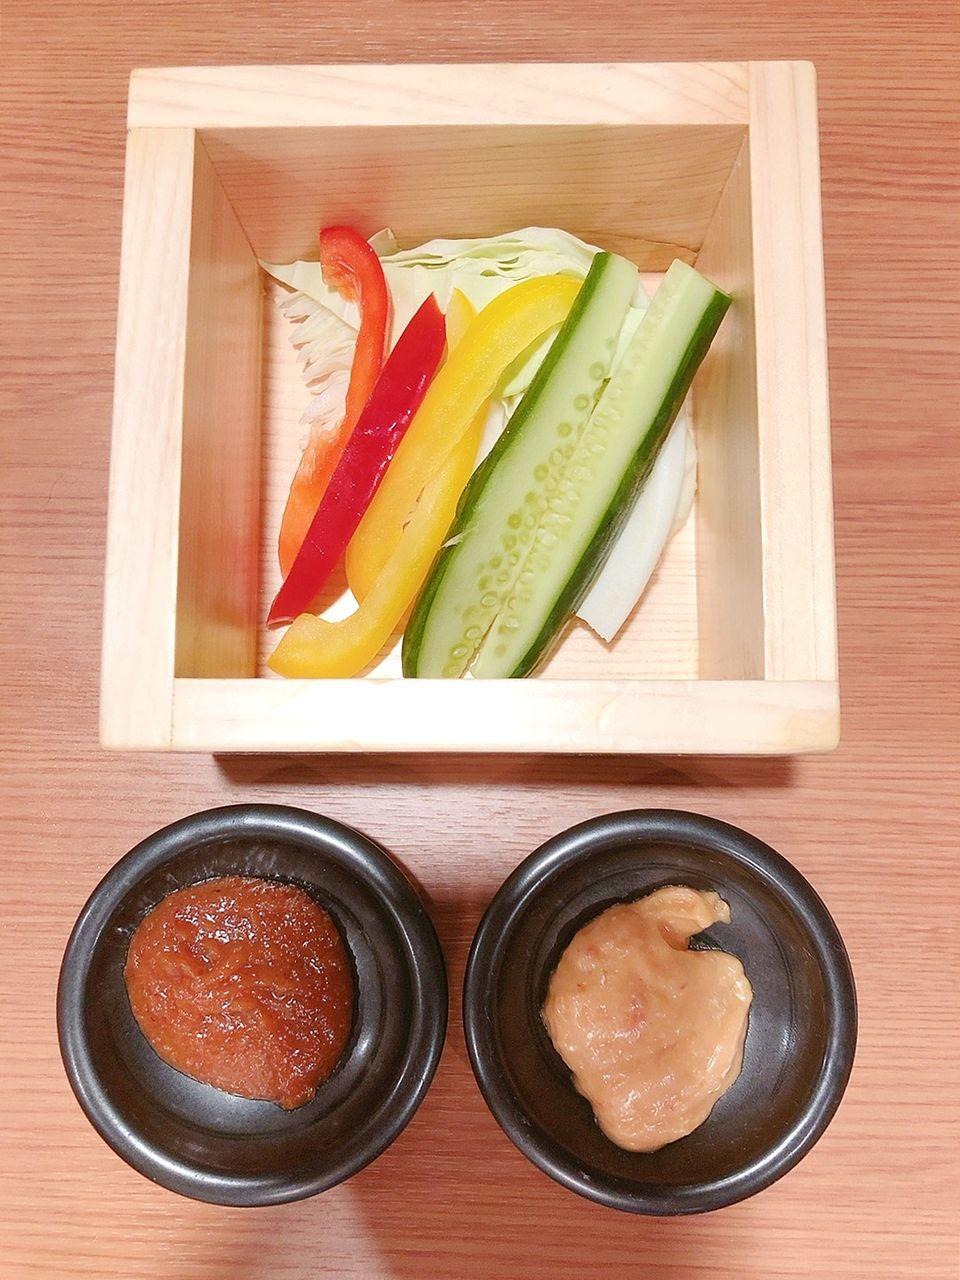 煮込串屋 あんどさんのお通しは生野菜